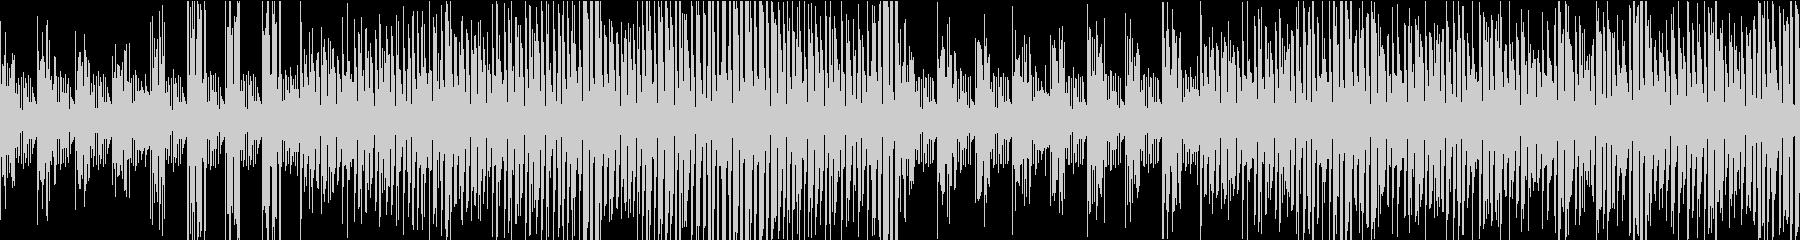 シンセベース音色が次々に変化するループ曲の未再生の波形